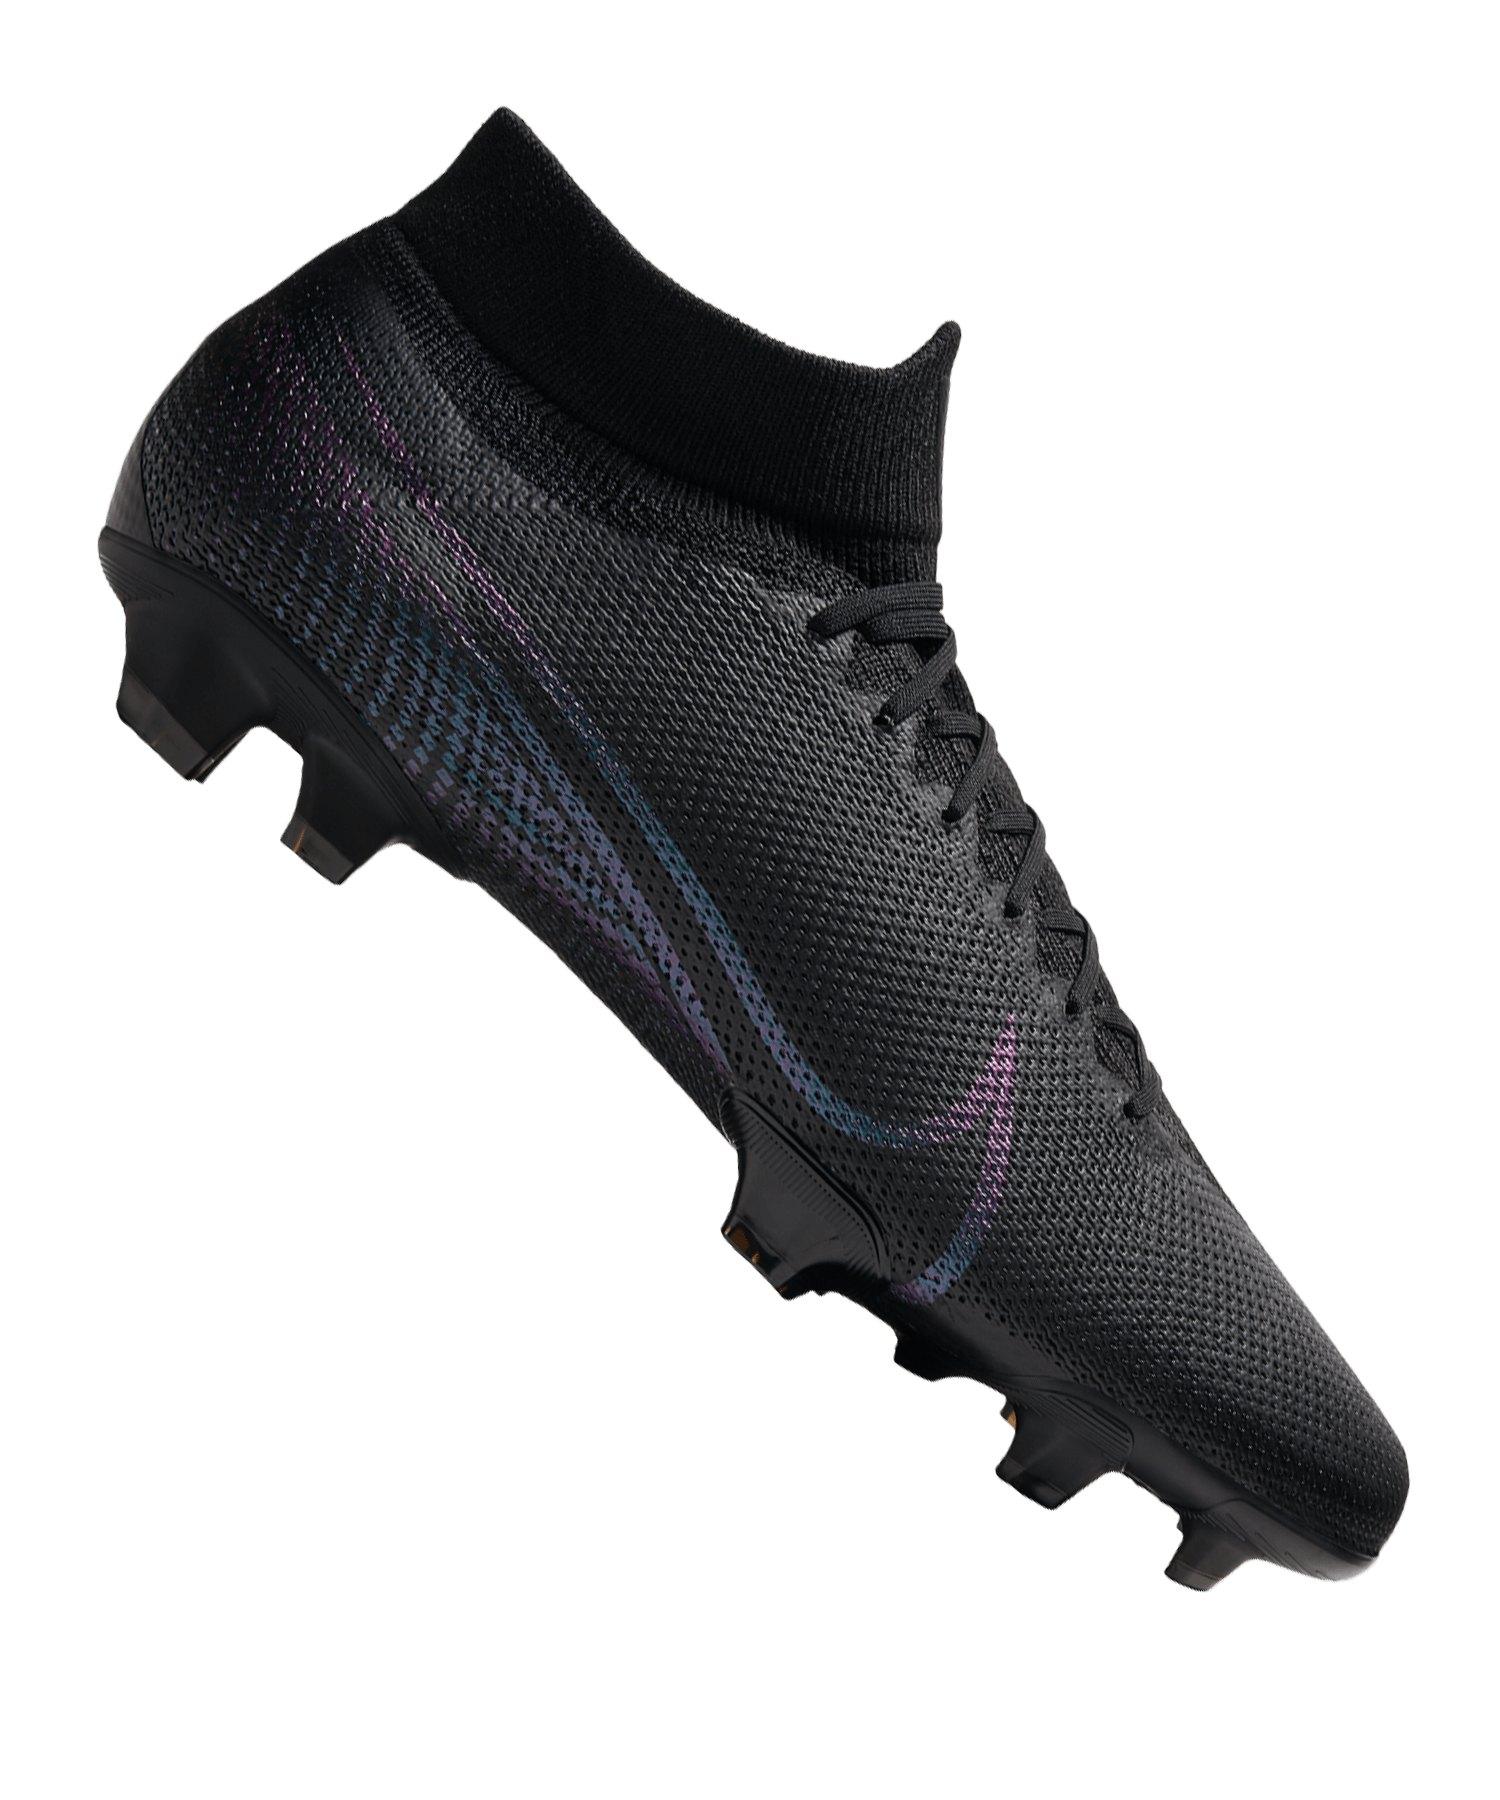 Nike Mercurial Superfly VII Pro FG Schwarz F010 - schwarz